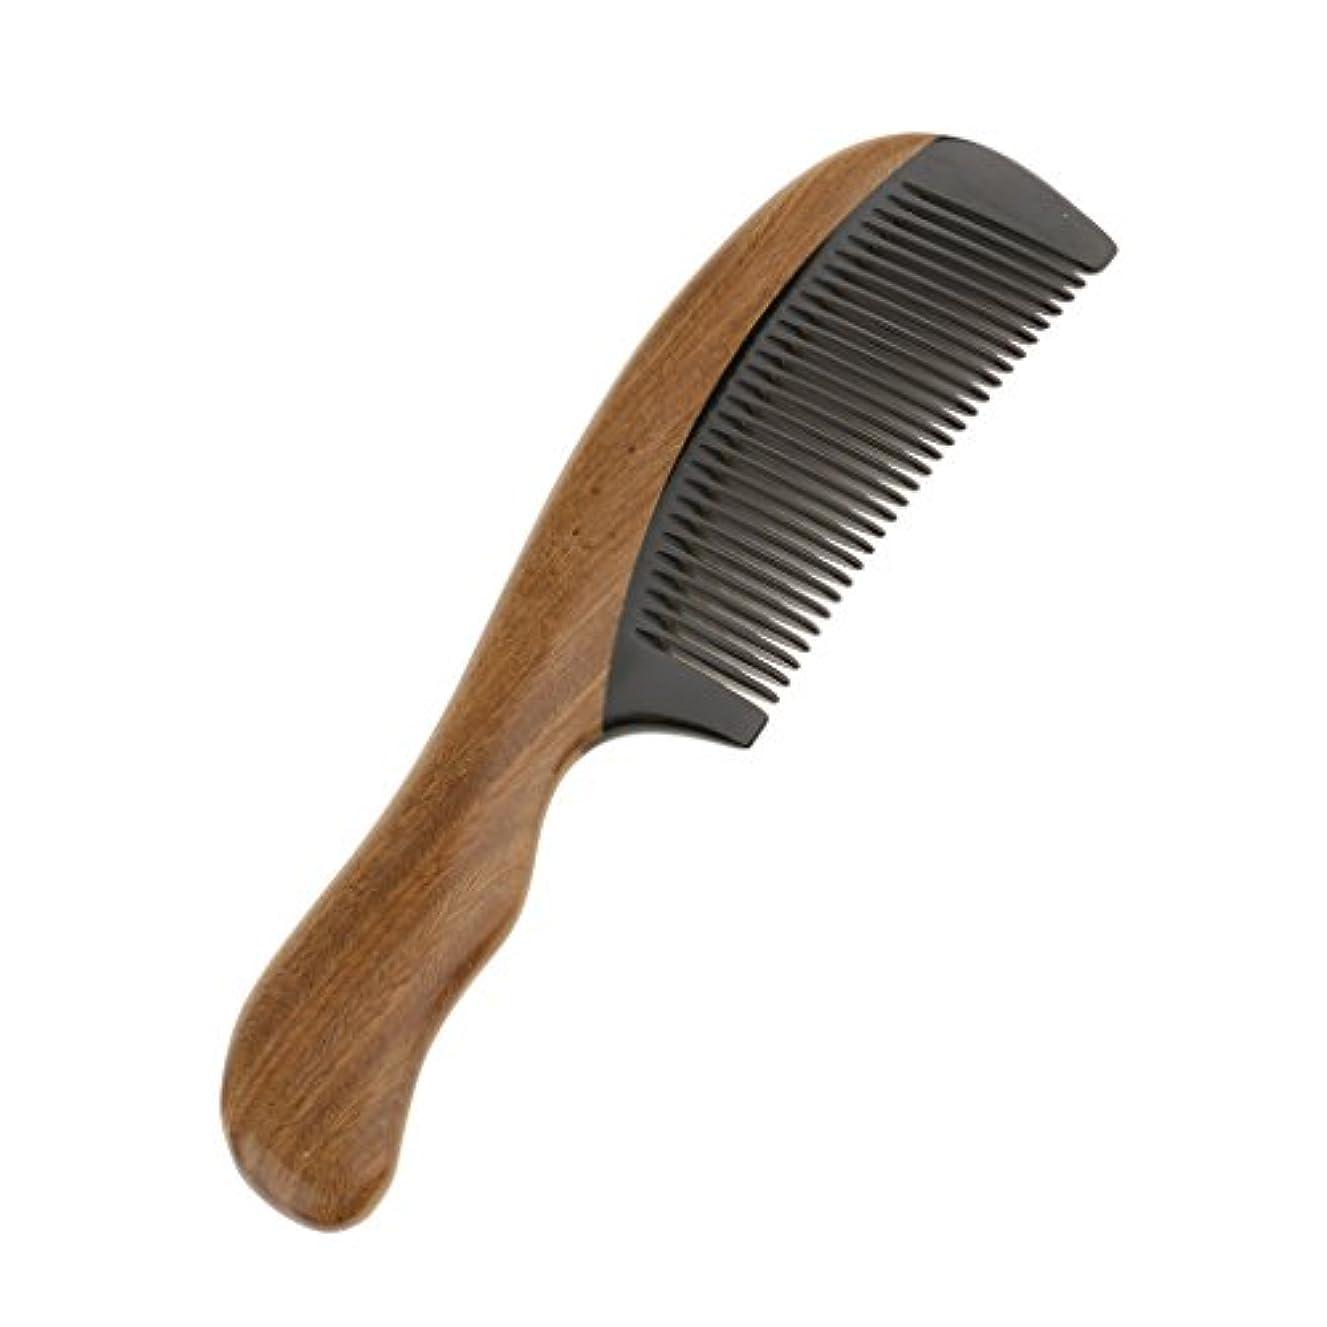 ドール私たち恒久的Homyl 木製 櫛 コーム ウッド マッサージ リラックス ポケット ヘアブラシ 高品質